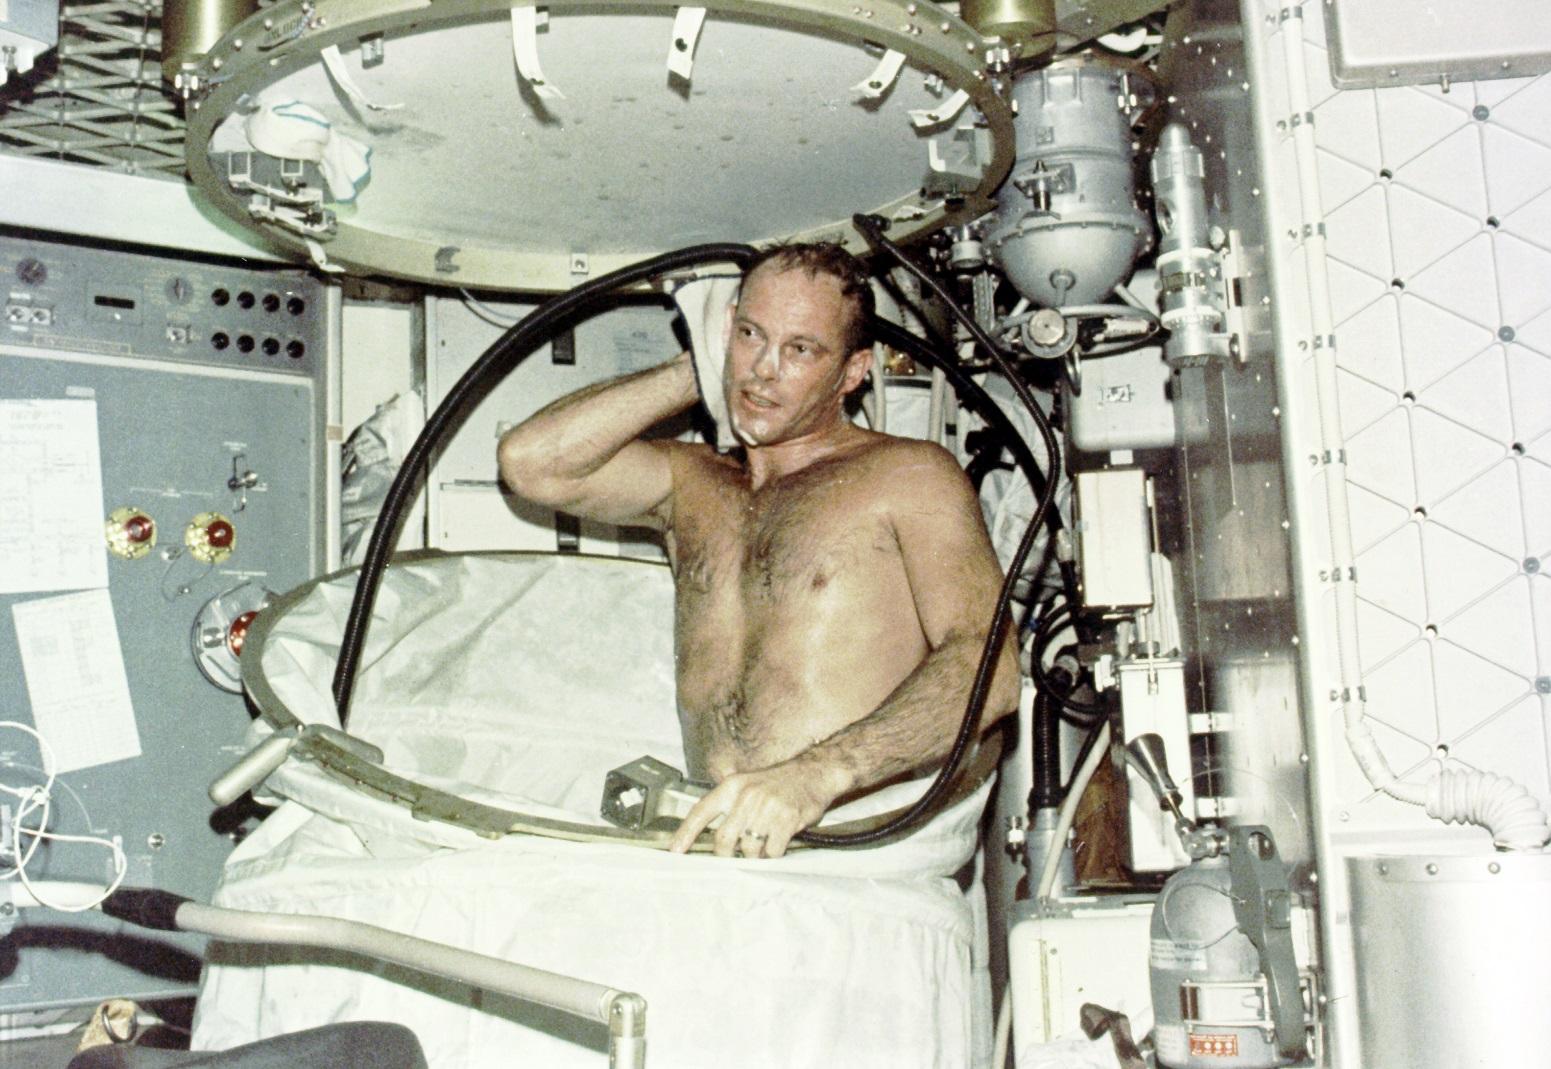 Showering_on_Skylab_94565948811.jpg